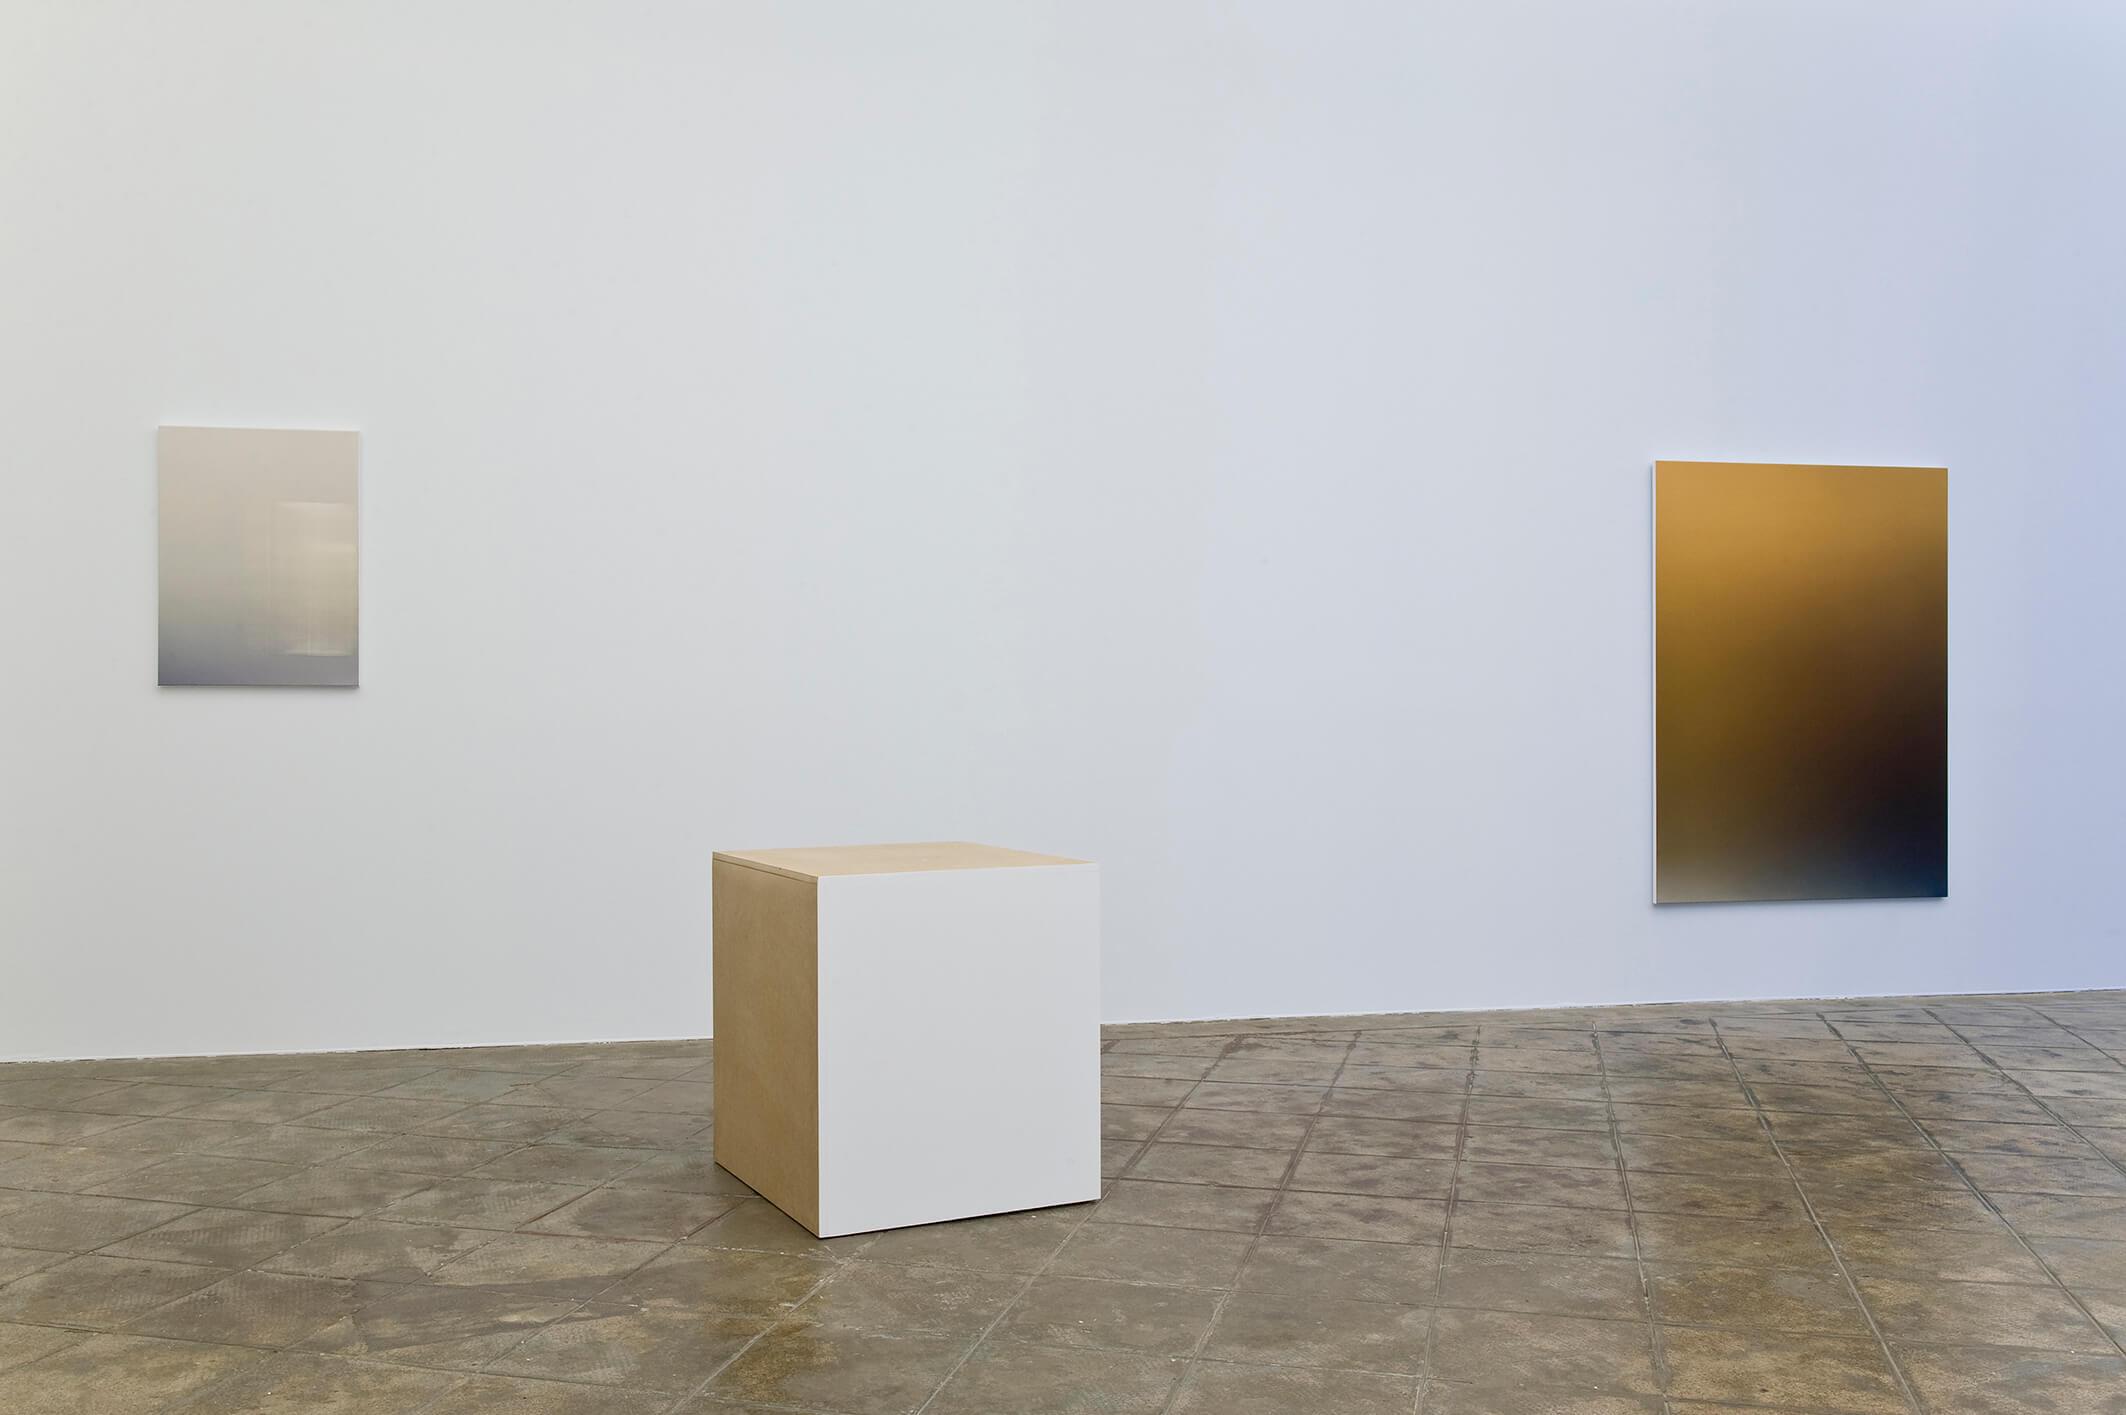 Installation view: Pieter Vermeersch, ProjecteSD, Barcelona, 2013 | Pieter Vermeersch | ProjecteSD